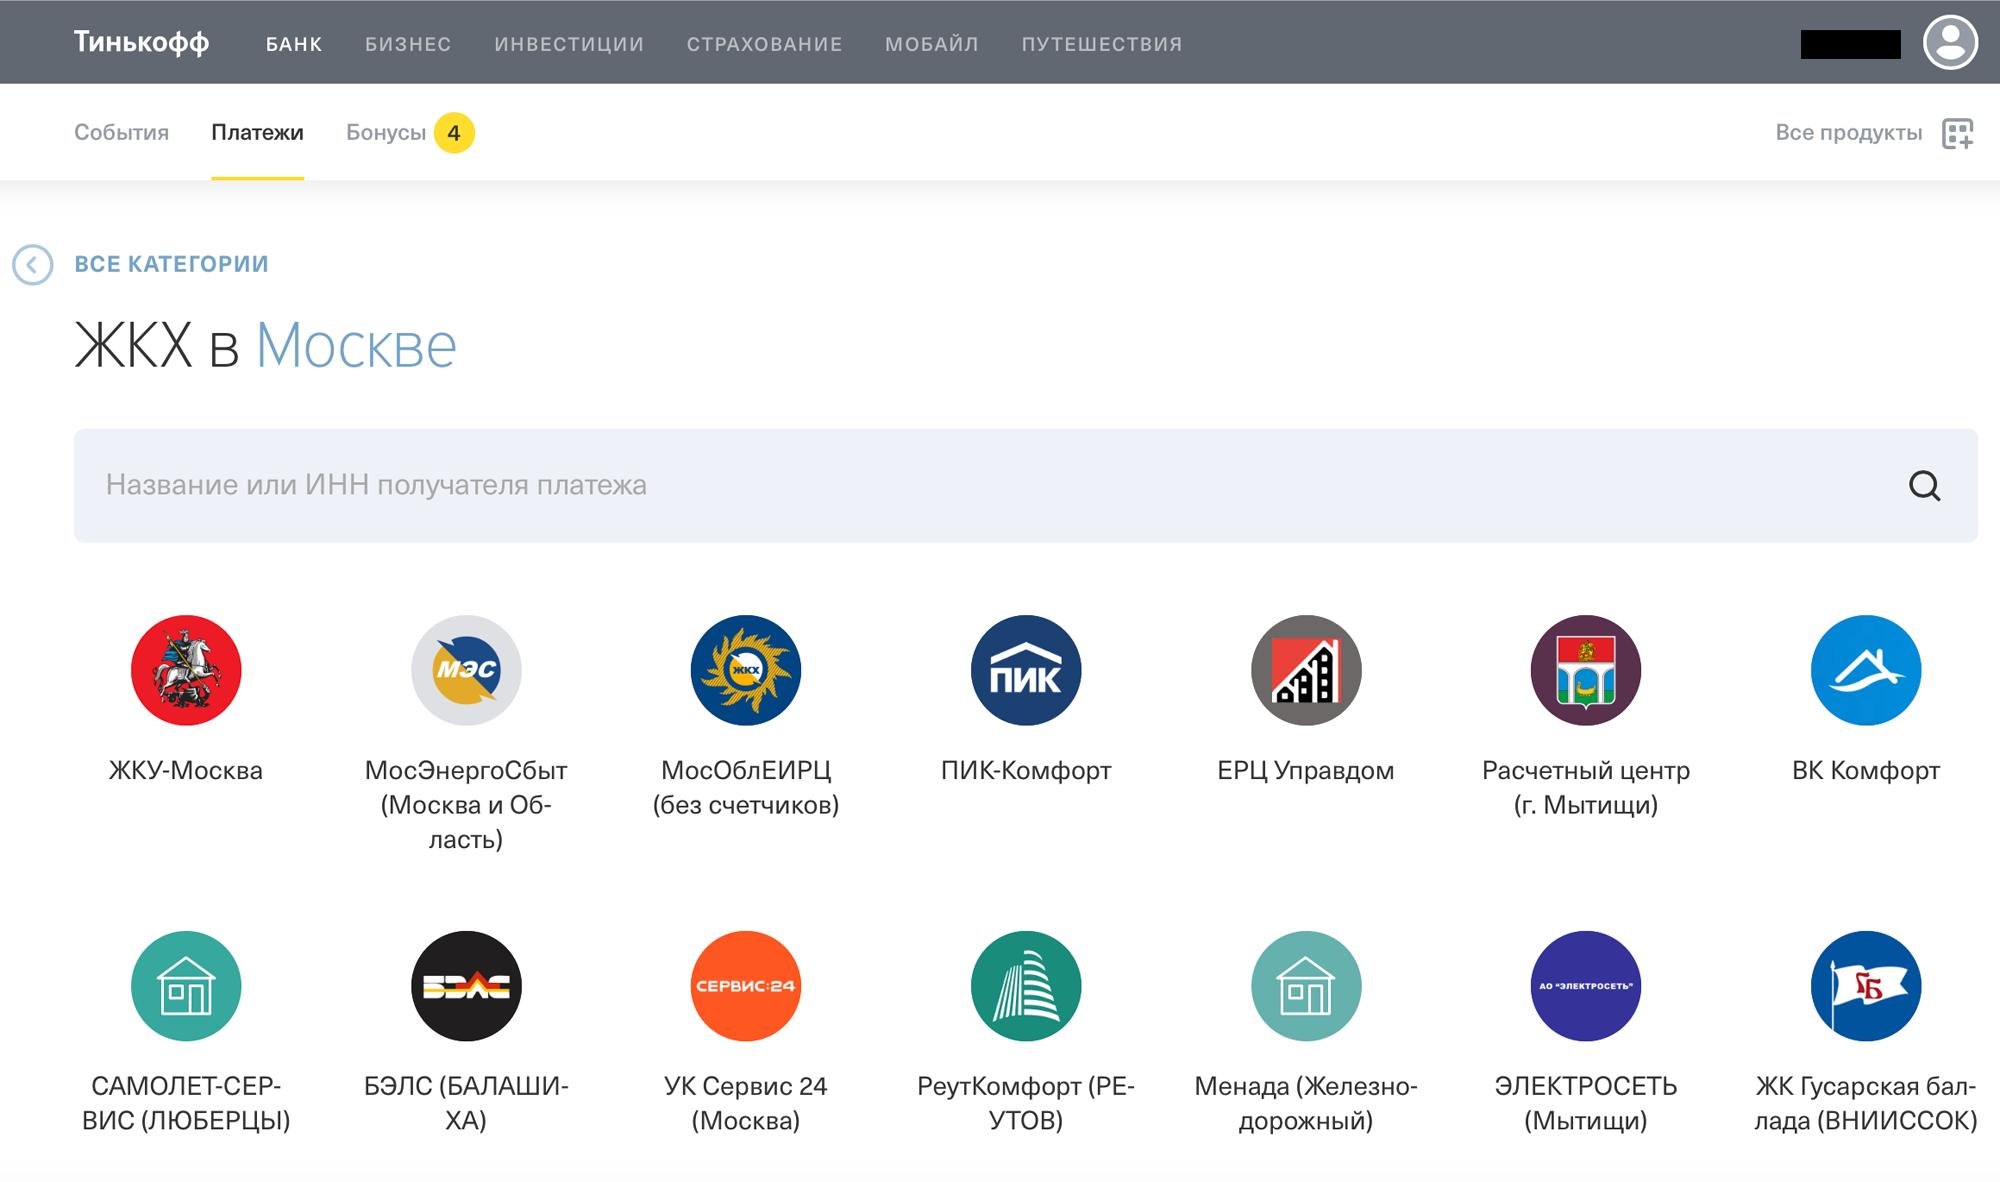 Список доступных в регионе УК и поставщиков услуг есть во вкладке «Платежи» в категории «ЖКХ» на сайте Тинькофф-банка